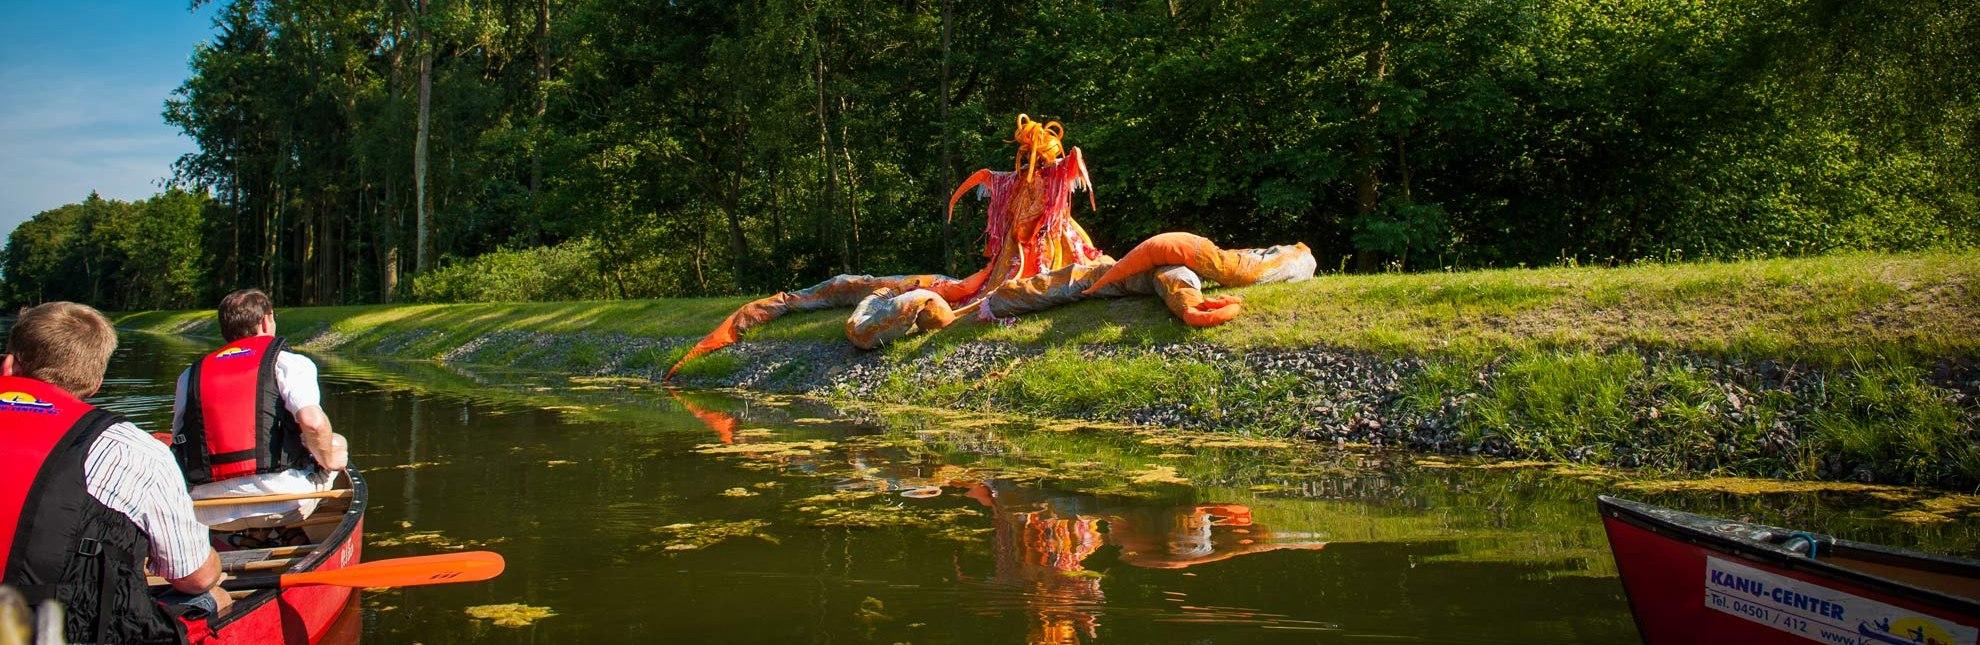 Im Kanu sitzend durch ein Theaterstück paddeln., © Nicole Franke